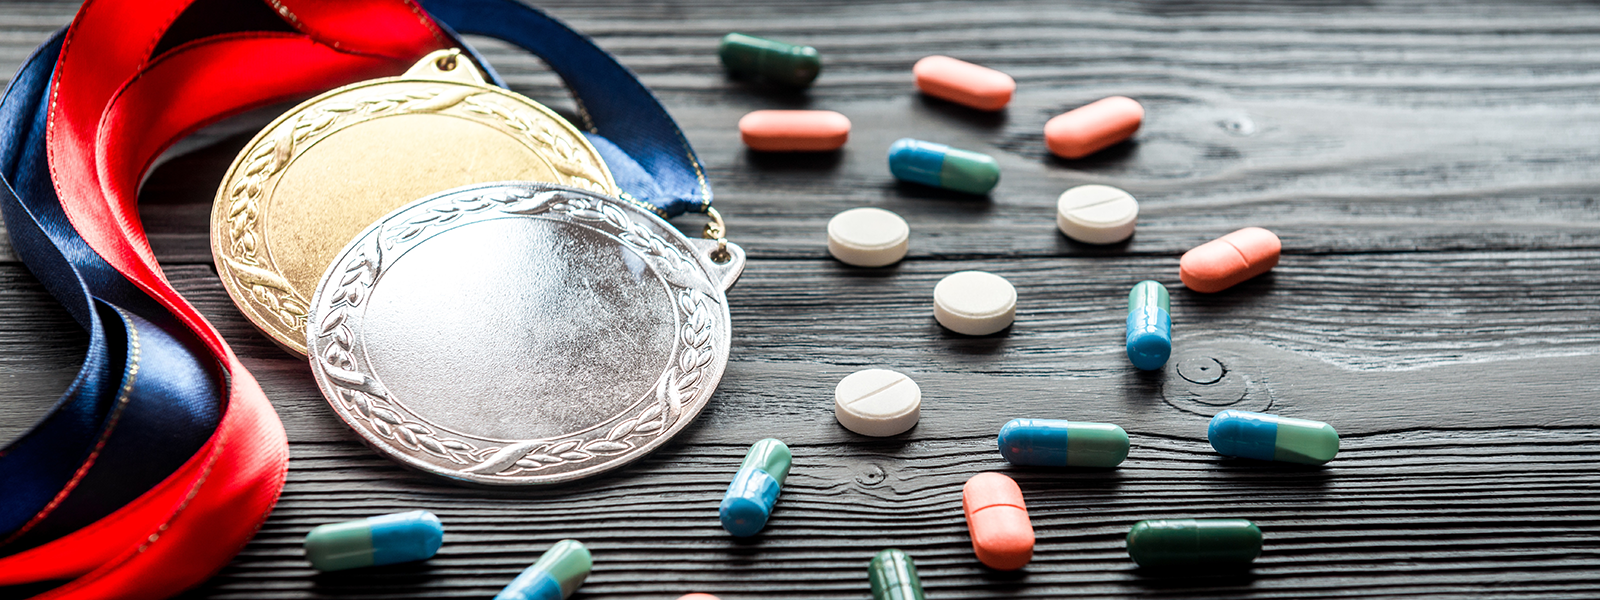 Conseiller un athlète de haut niveau dans la pharmacie